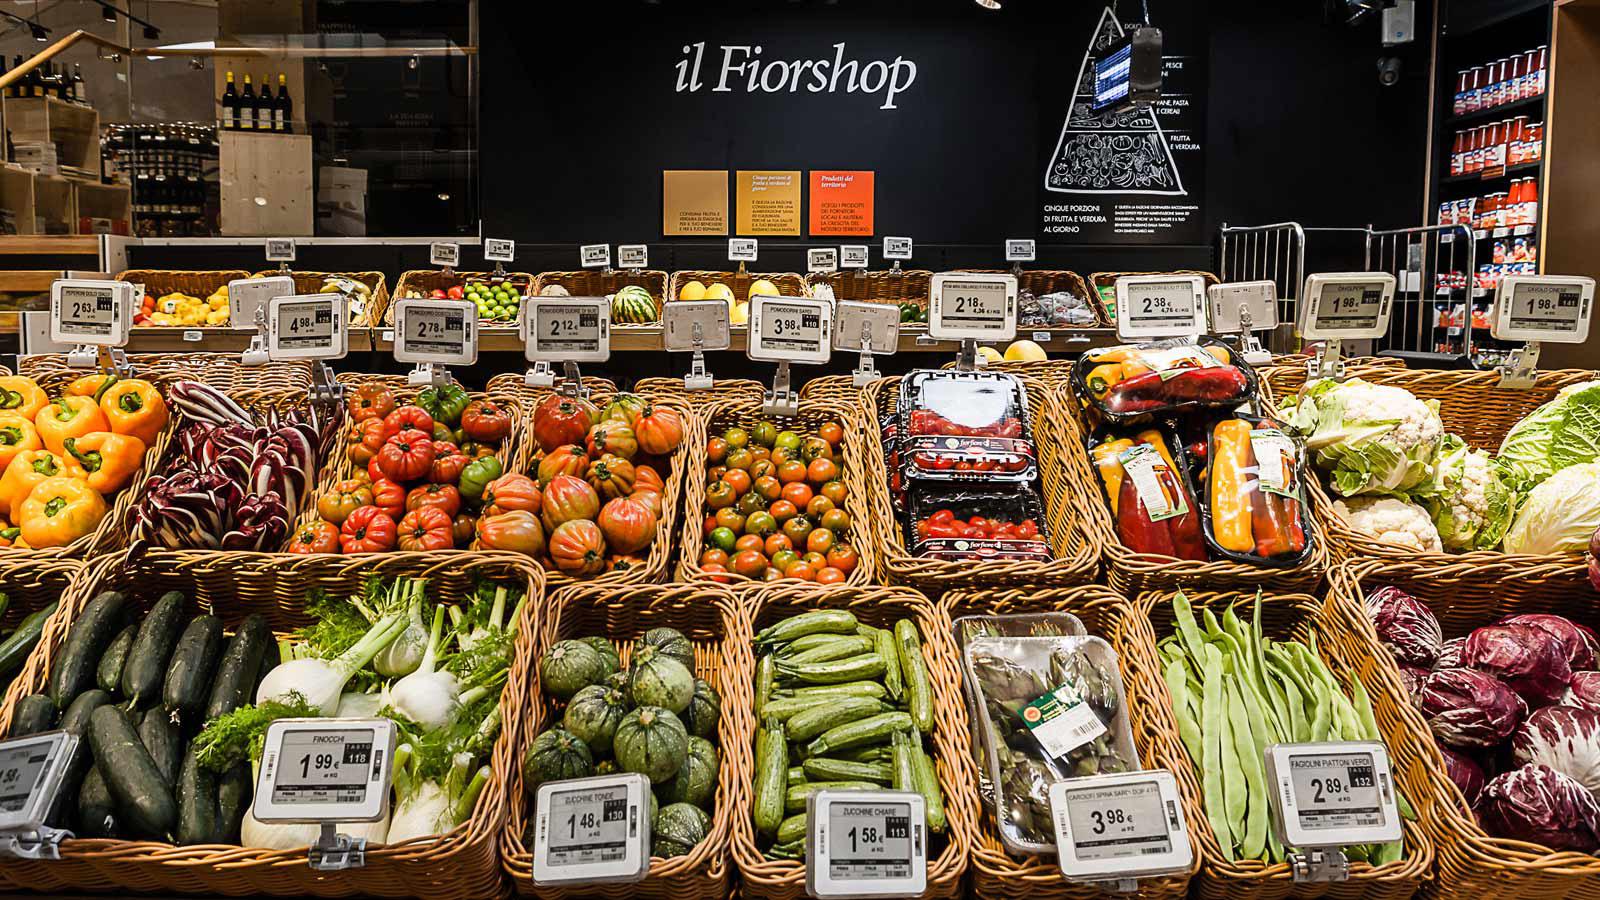 La Credenza Torino Fiorfood : Fiorfood market supermercati a torino ecco un alternativa